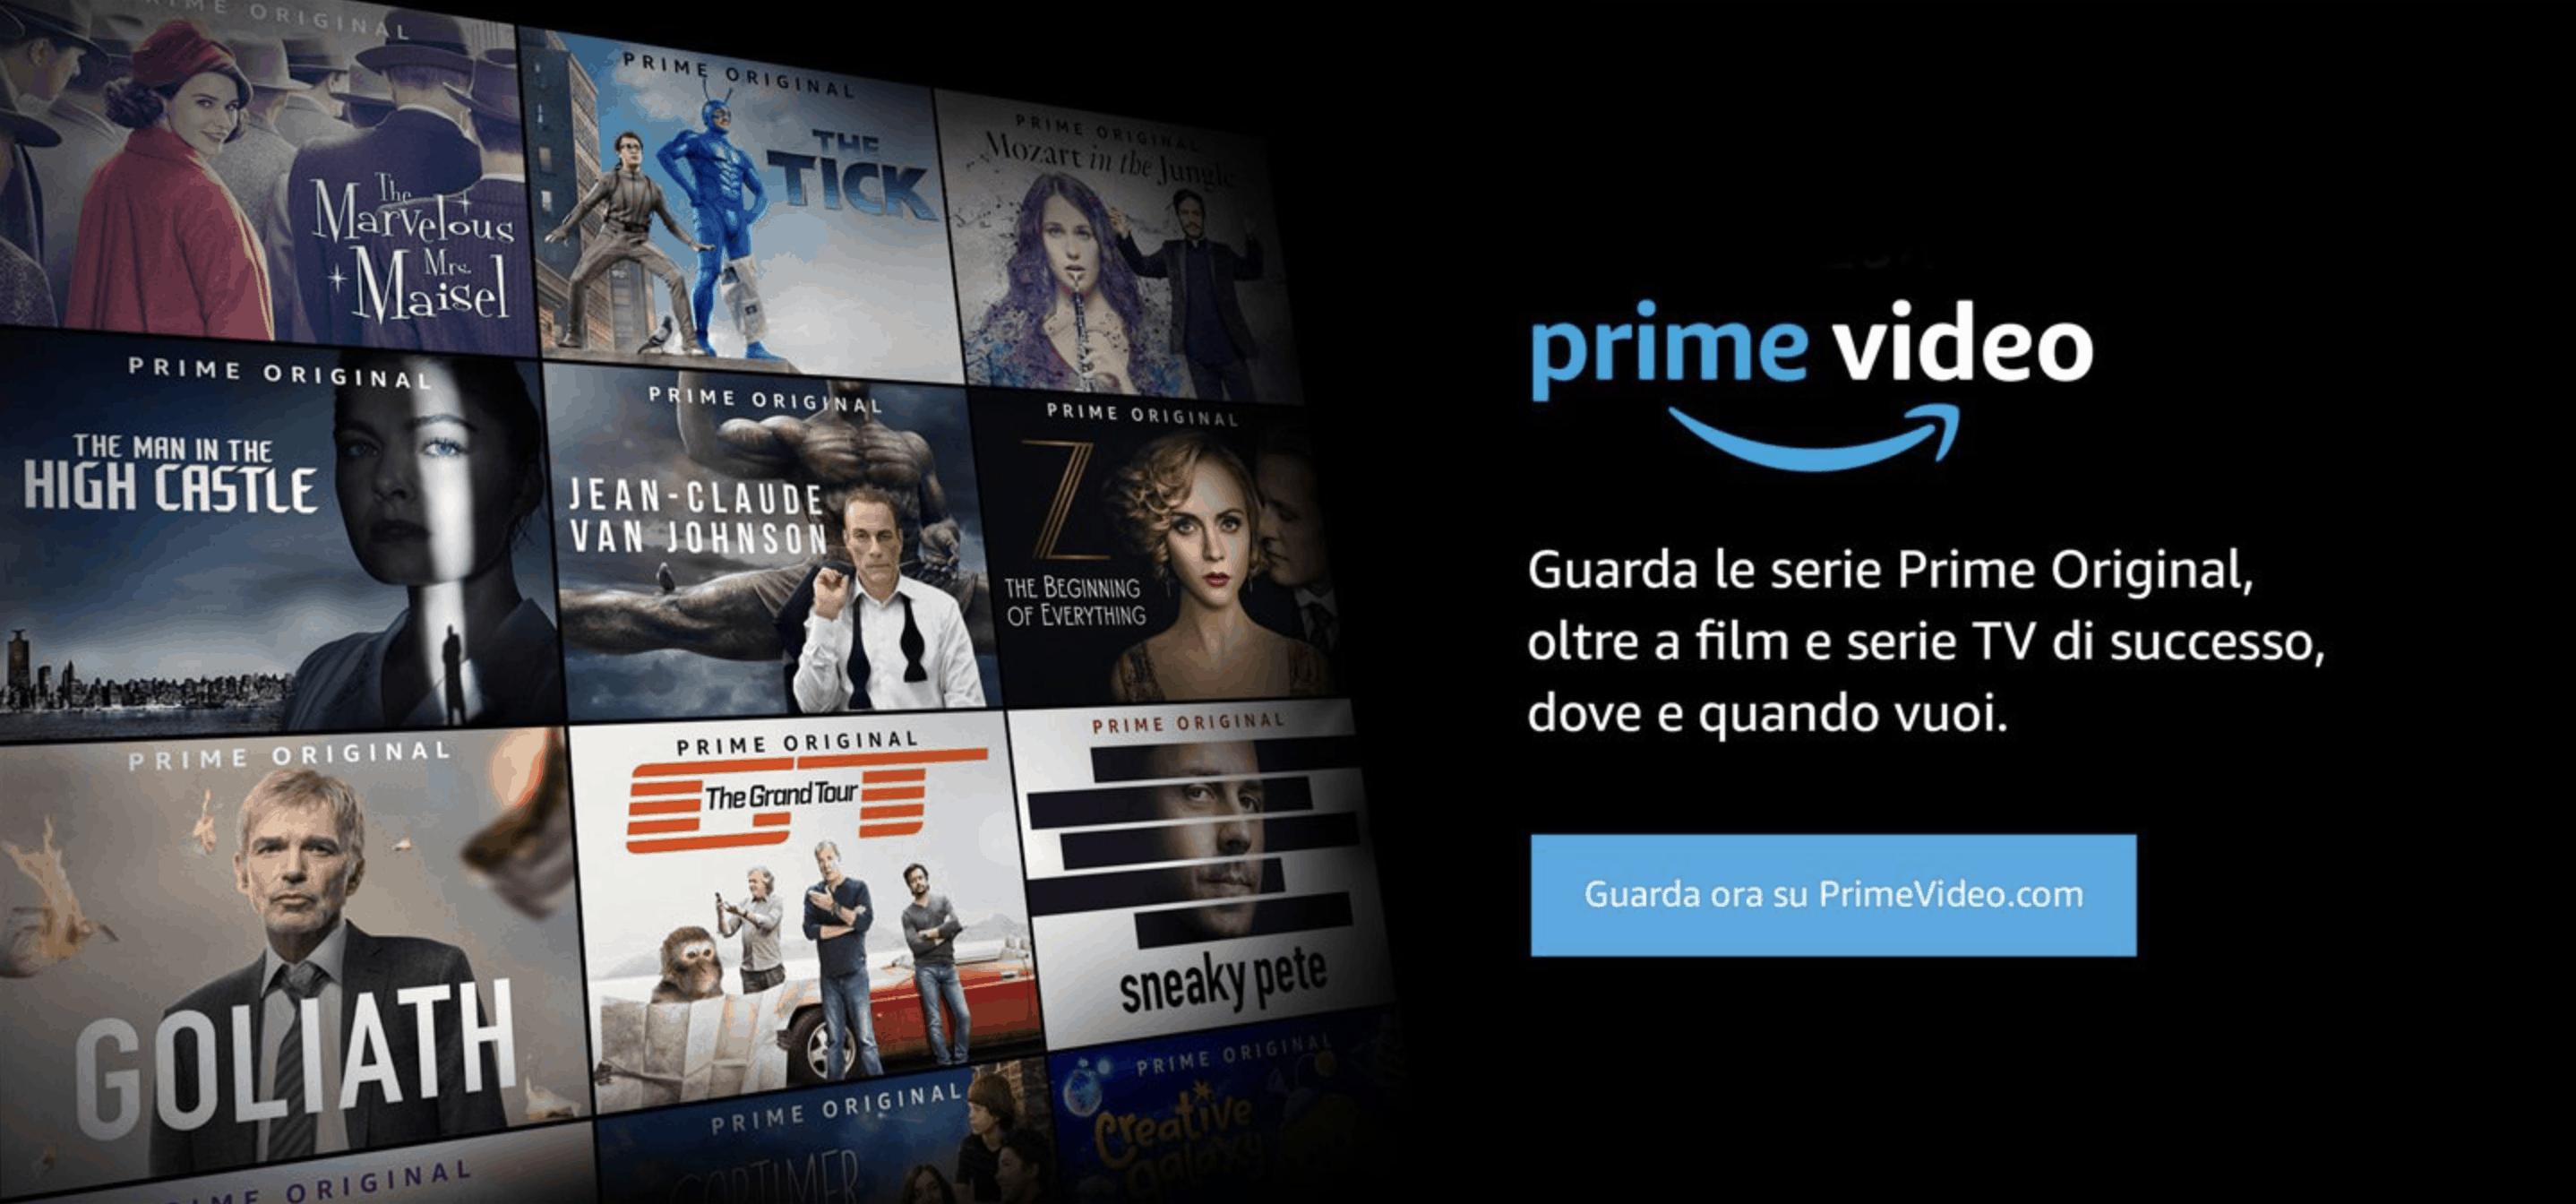 Le migliori alternative a Netflix (siti legali)